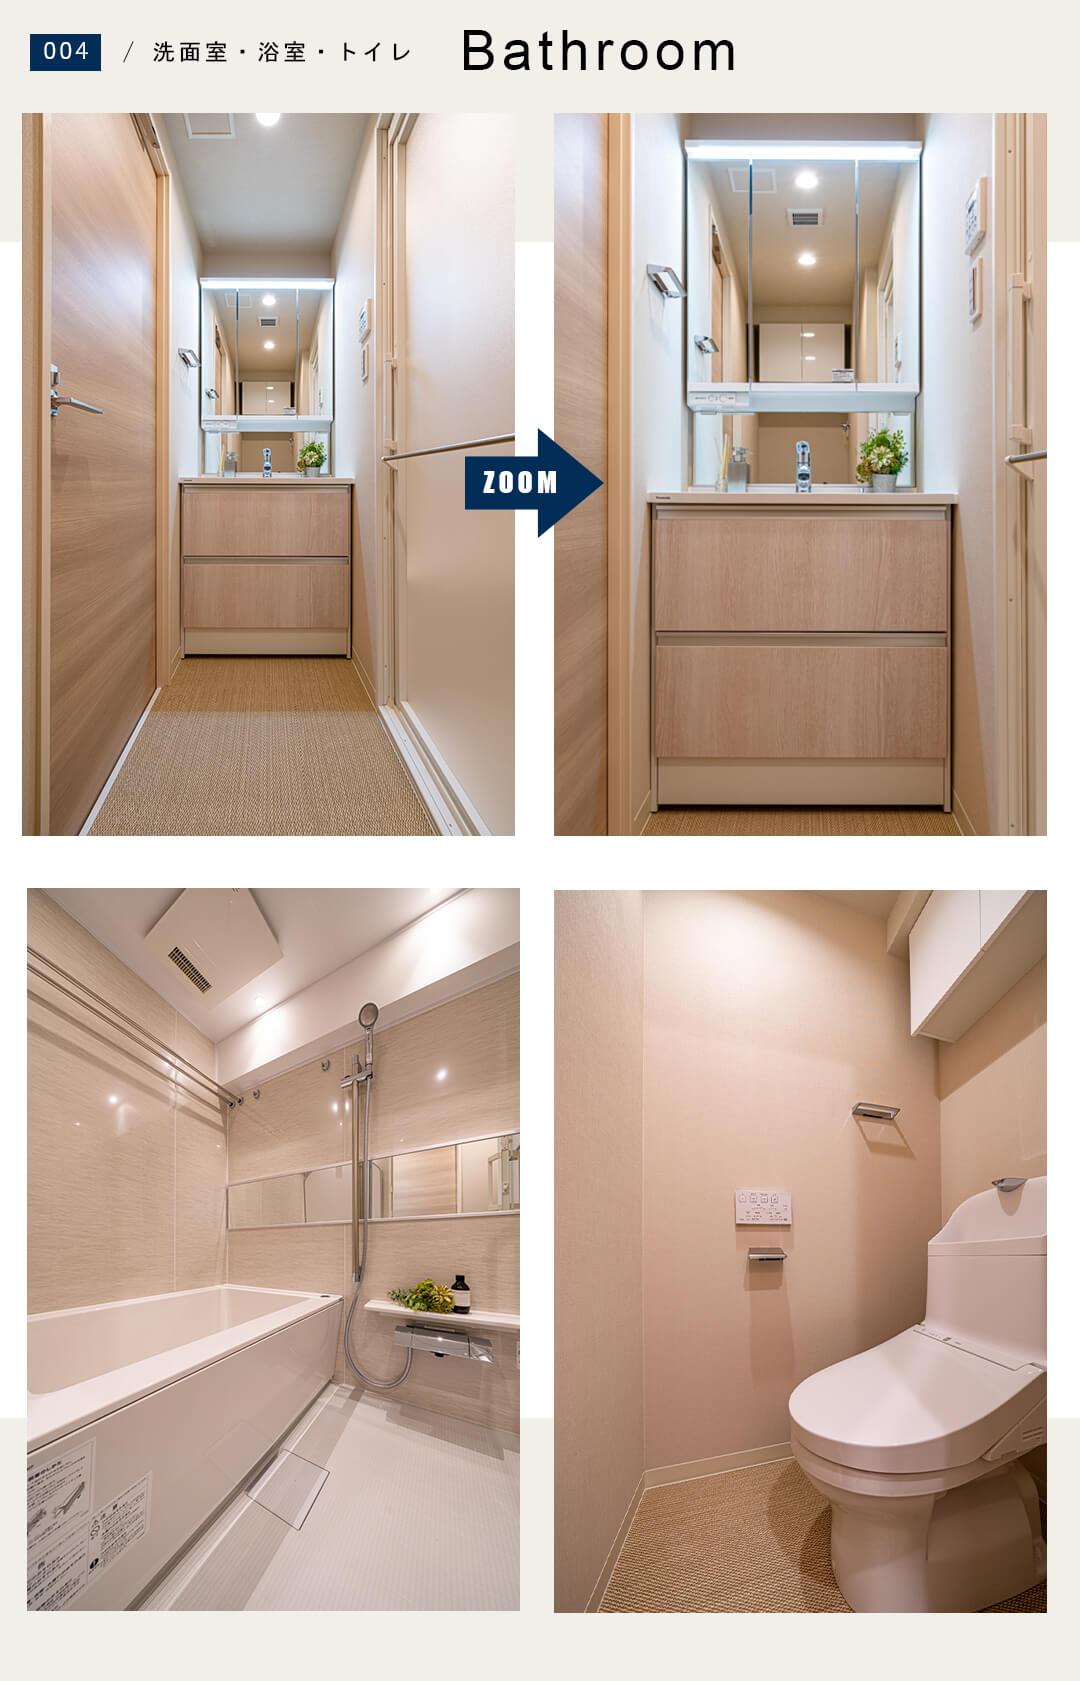 秀和第二三田綱町レジデンスの洗面室と浴室とトイレ